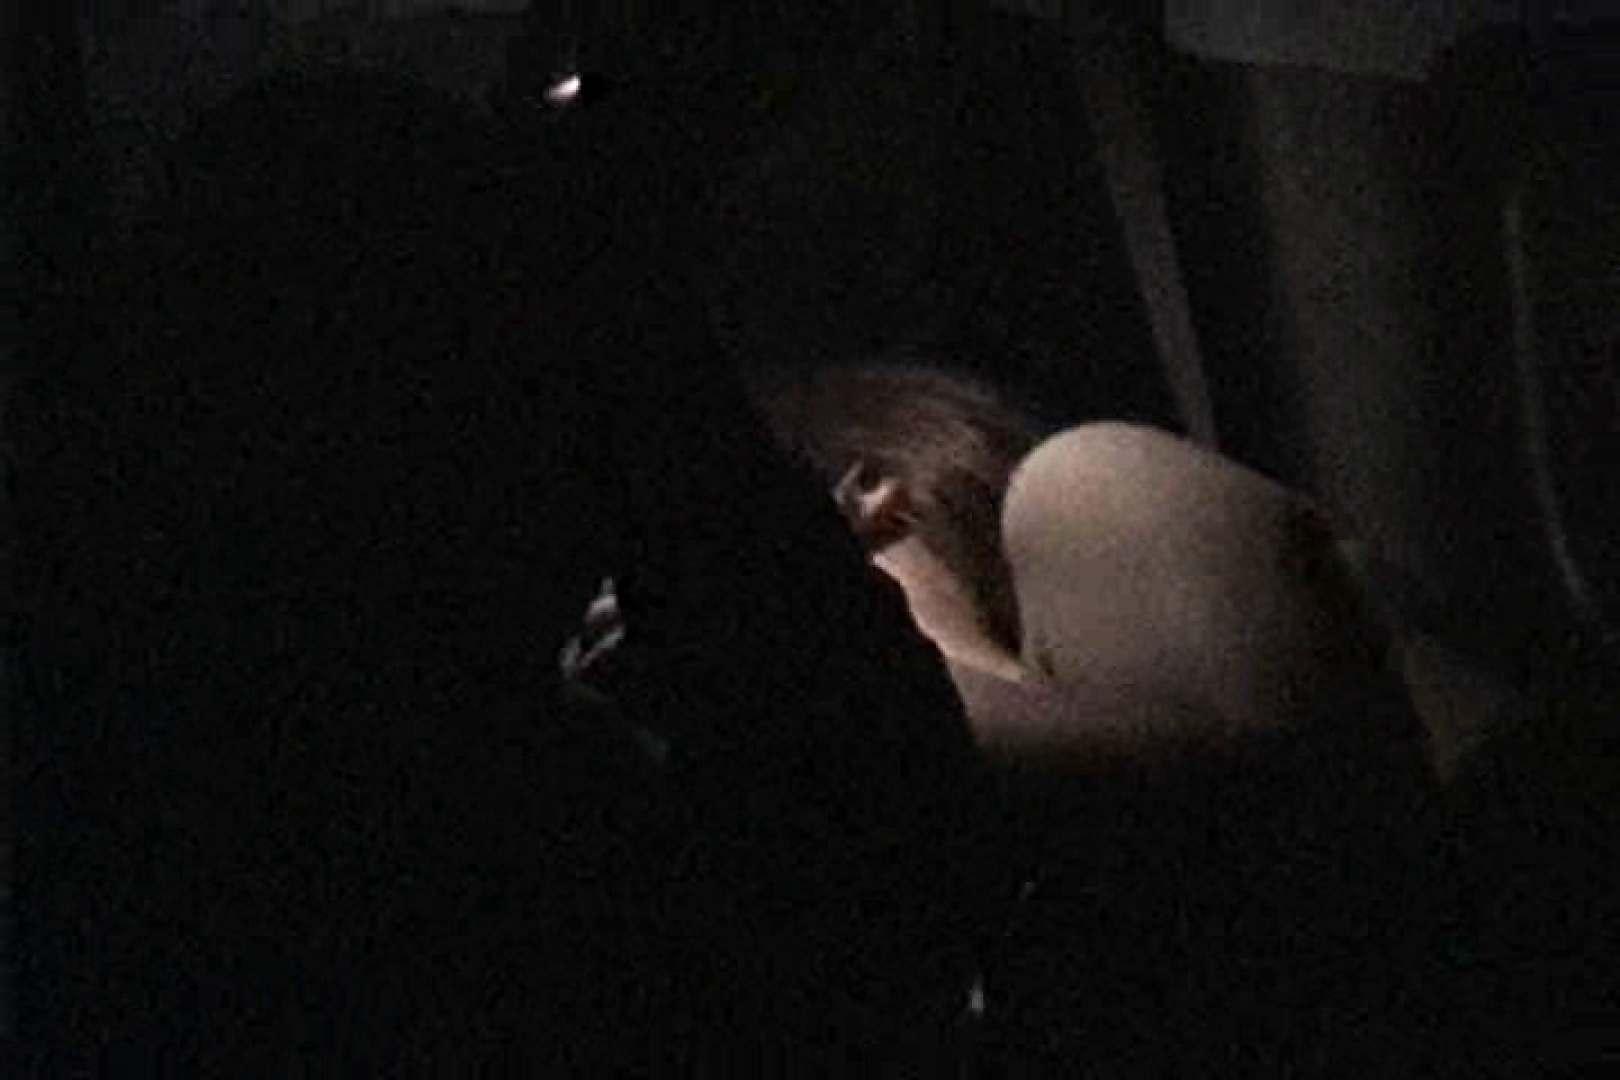 充血監督の深夜の運動会Vol.29 フェラ無修正 | OLセックス  57画像 9